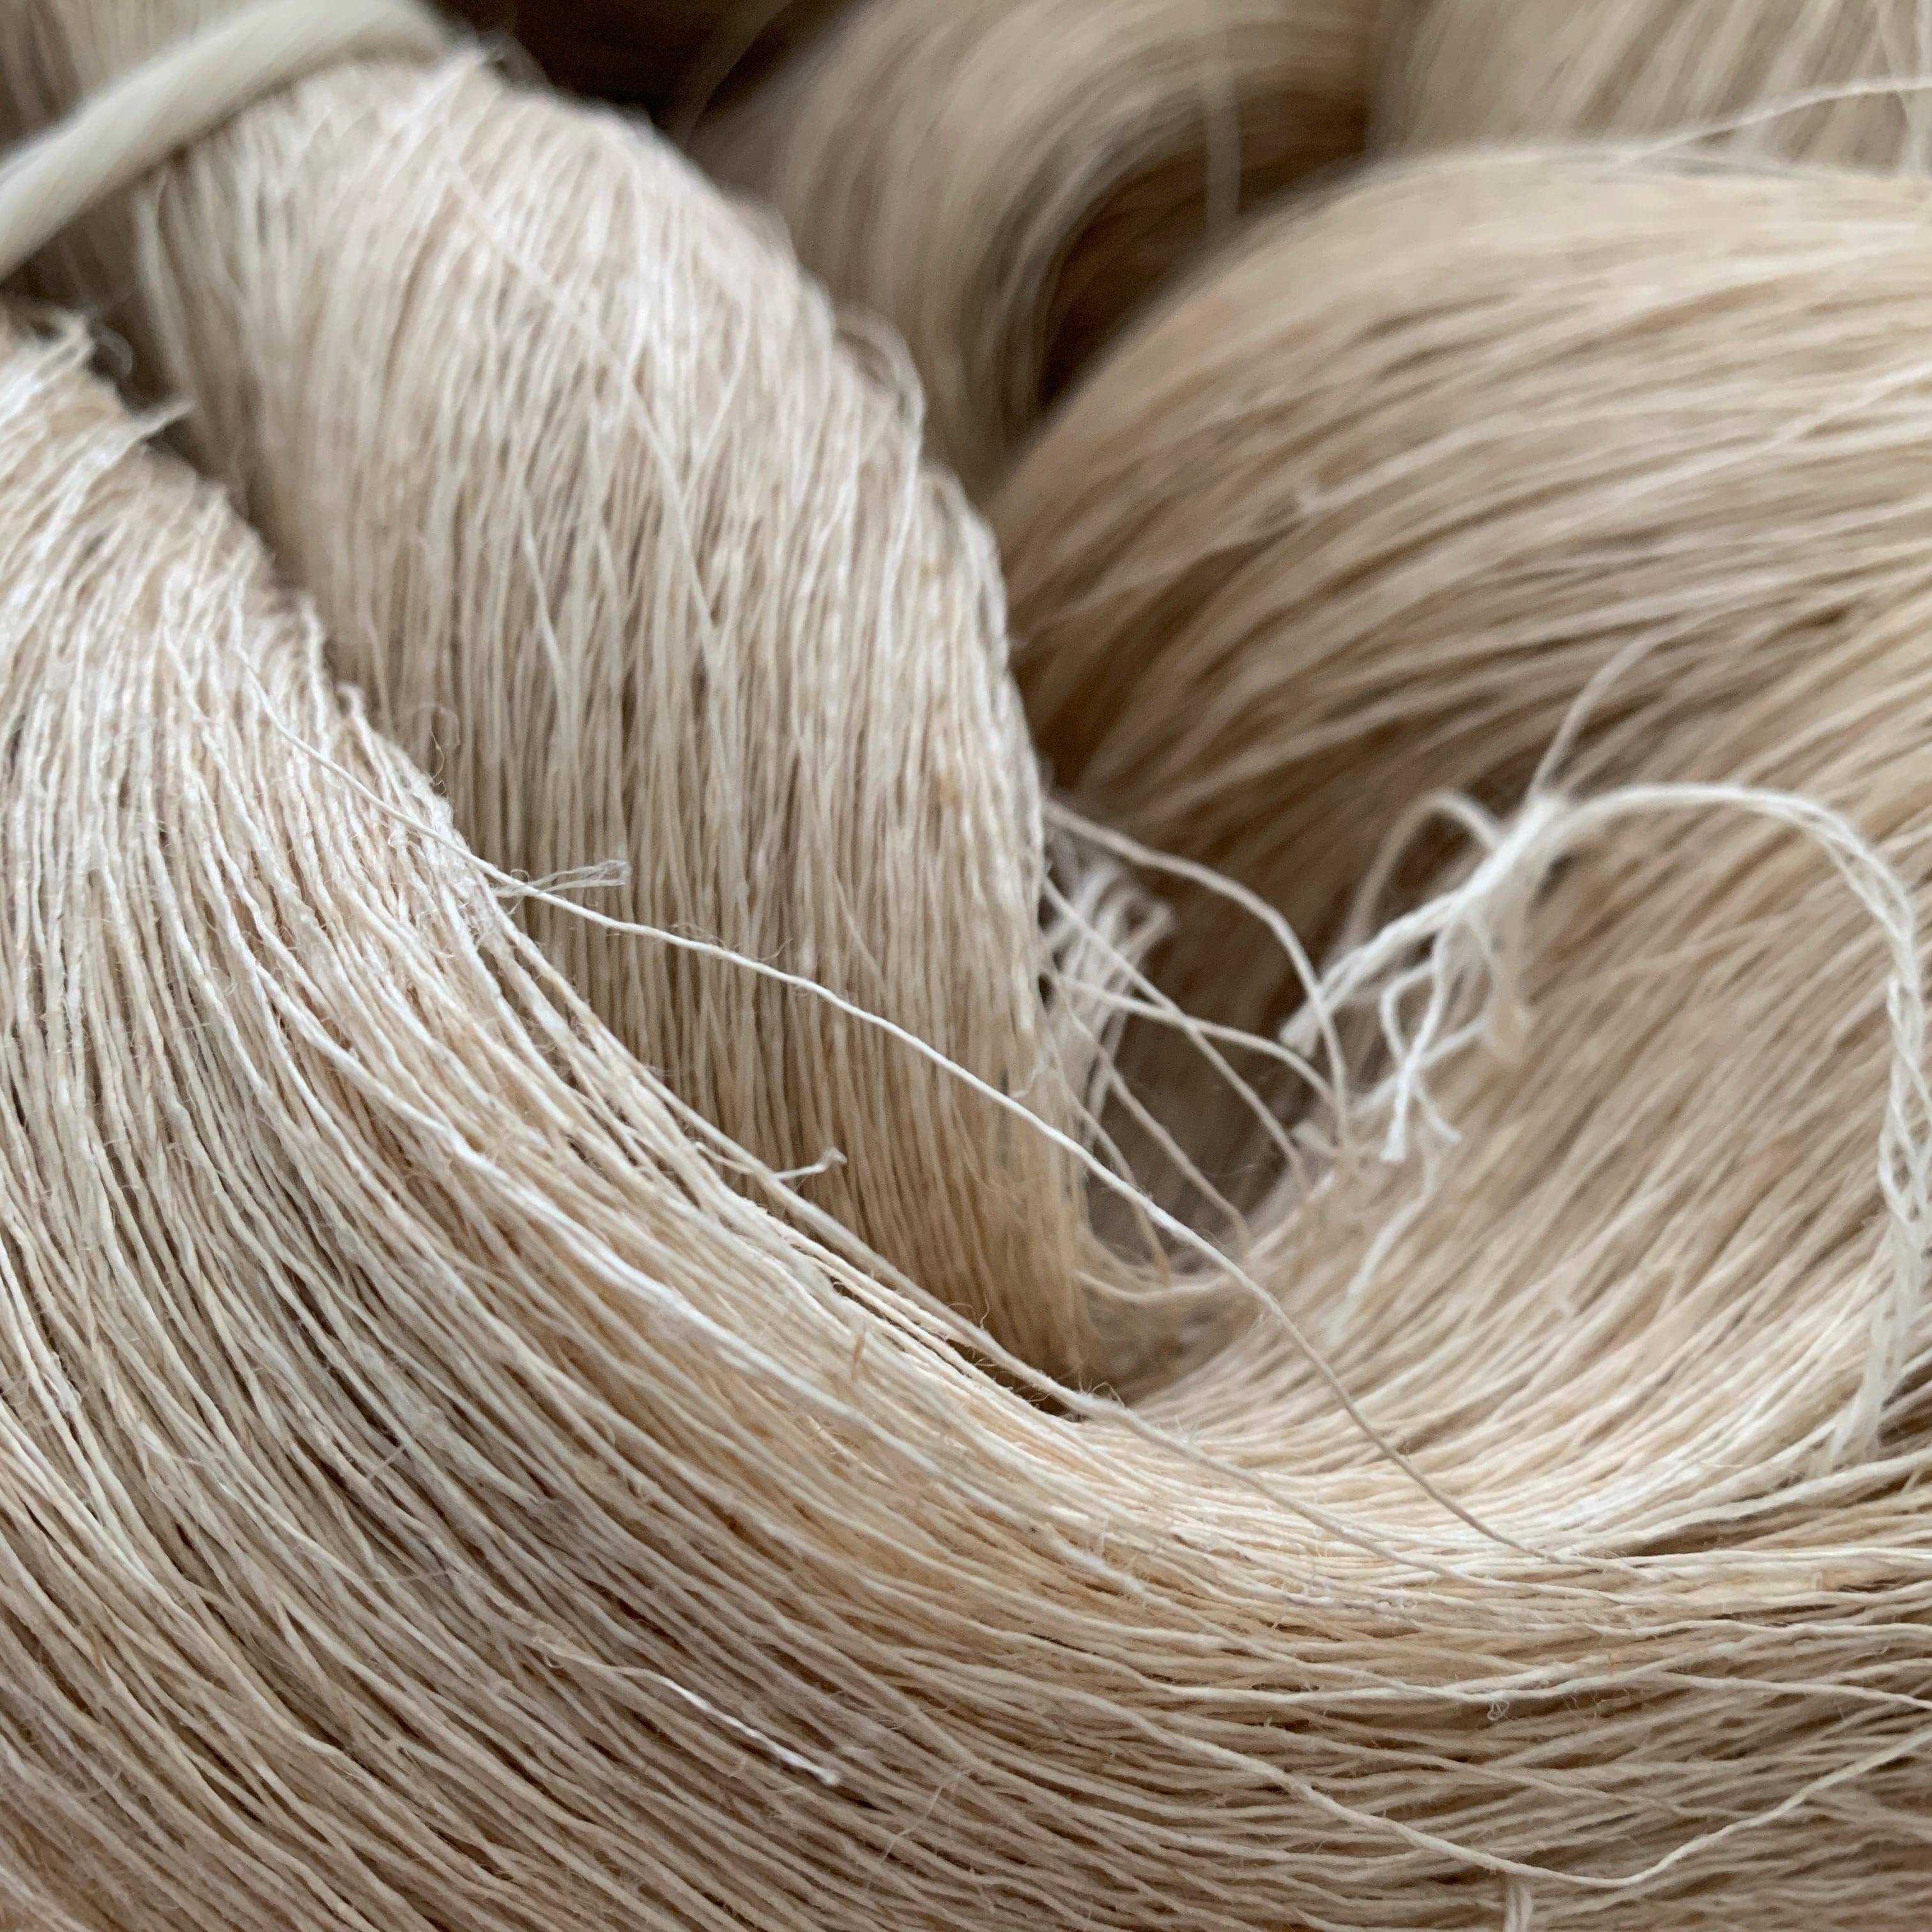 【受注発注品】イタリア産高級ヘンプ ナチュラル カセ売り単糸(約200g)